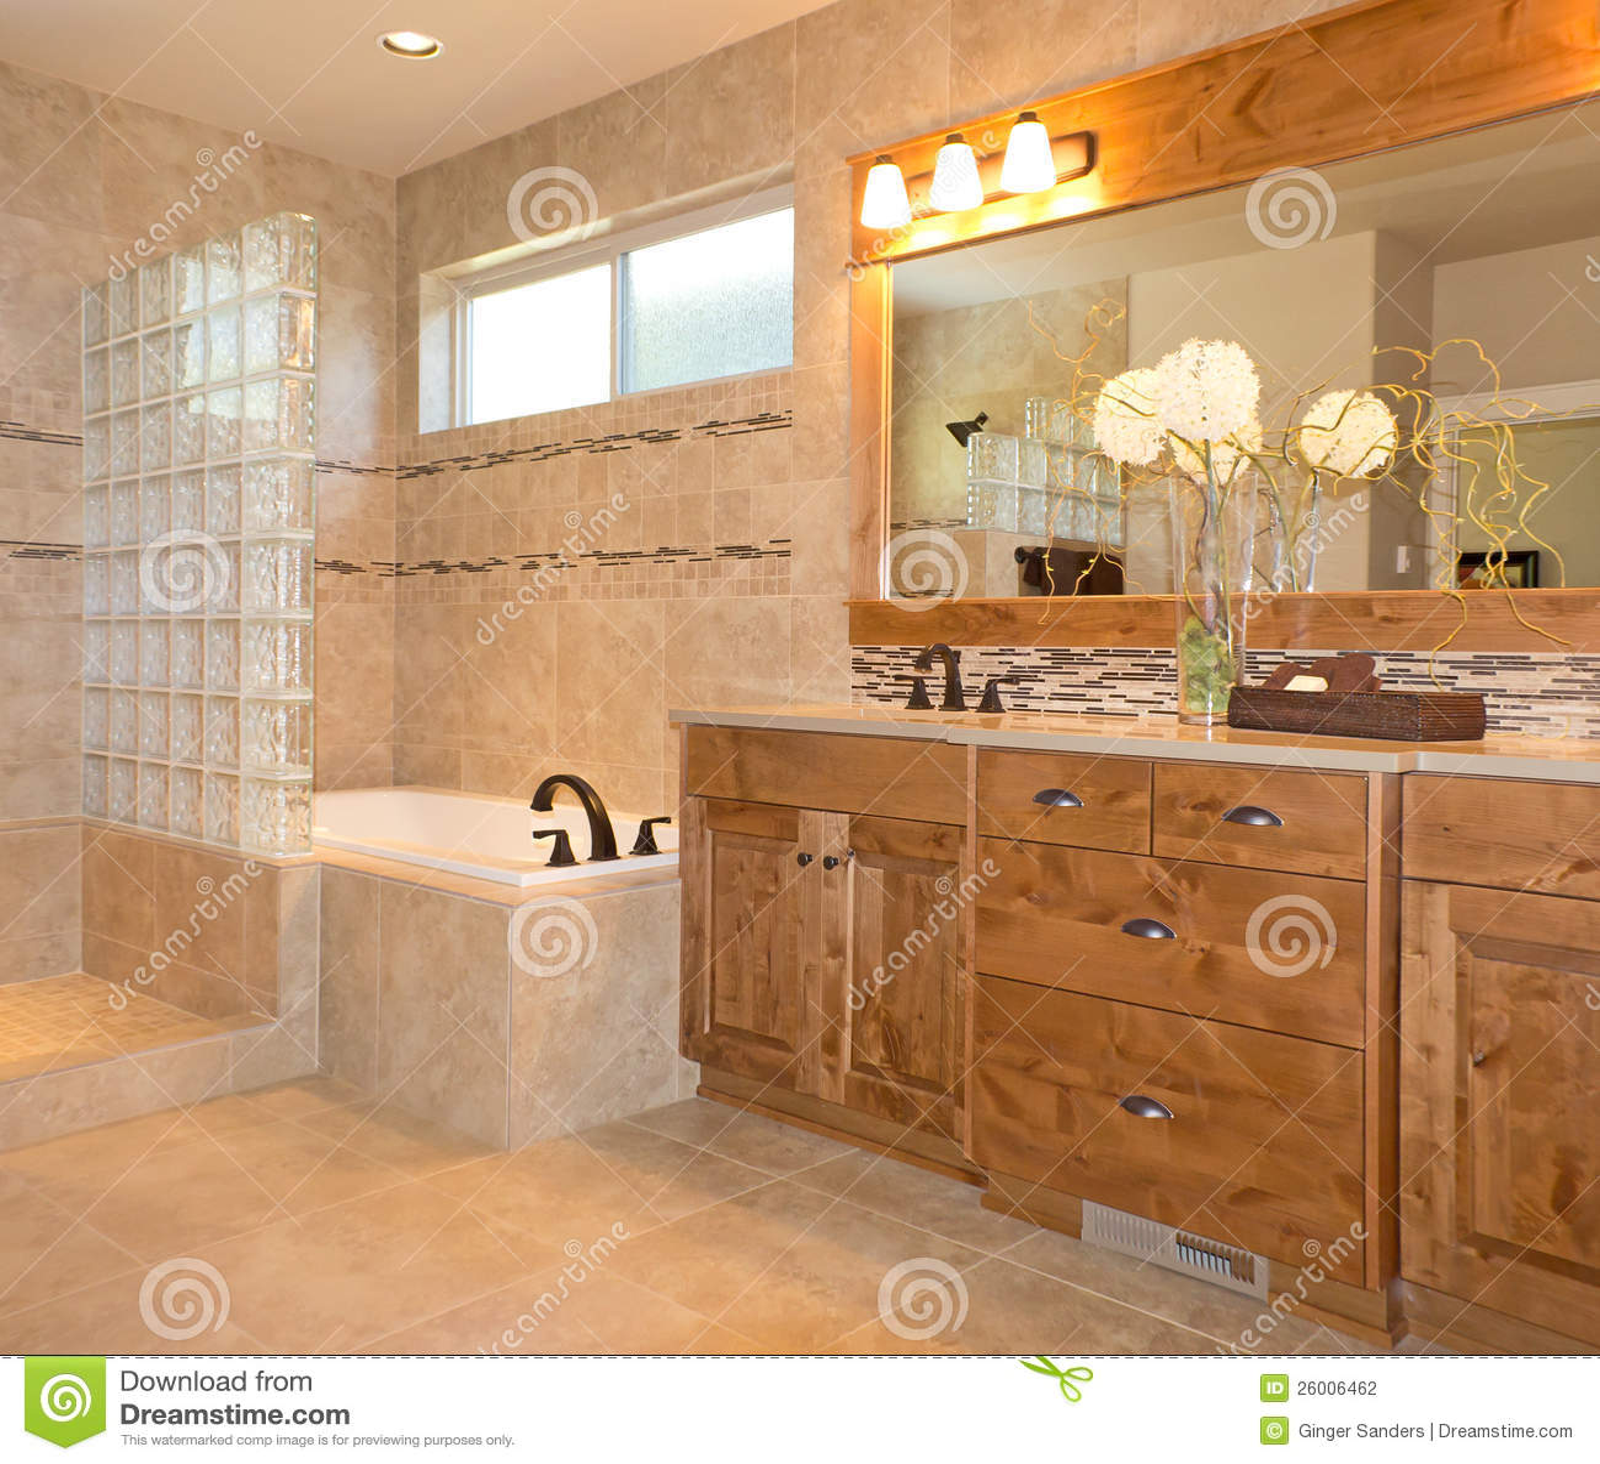 salle de bains de luxe de tuile en beige et or photographie stock image 26006462. Black Bedroom Furniture Sets. Home Design Ideas